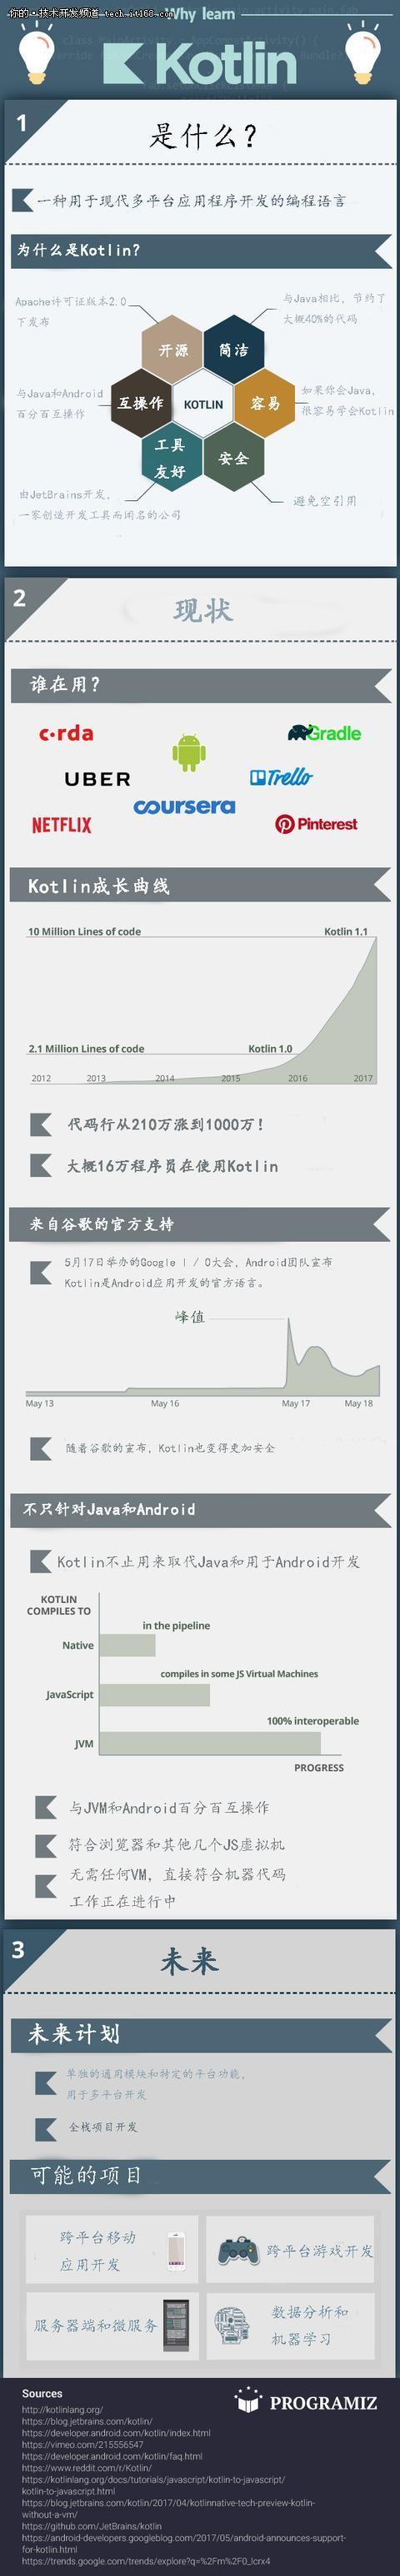 一图读懂:Kotlin凭啥成为Android新宠!